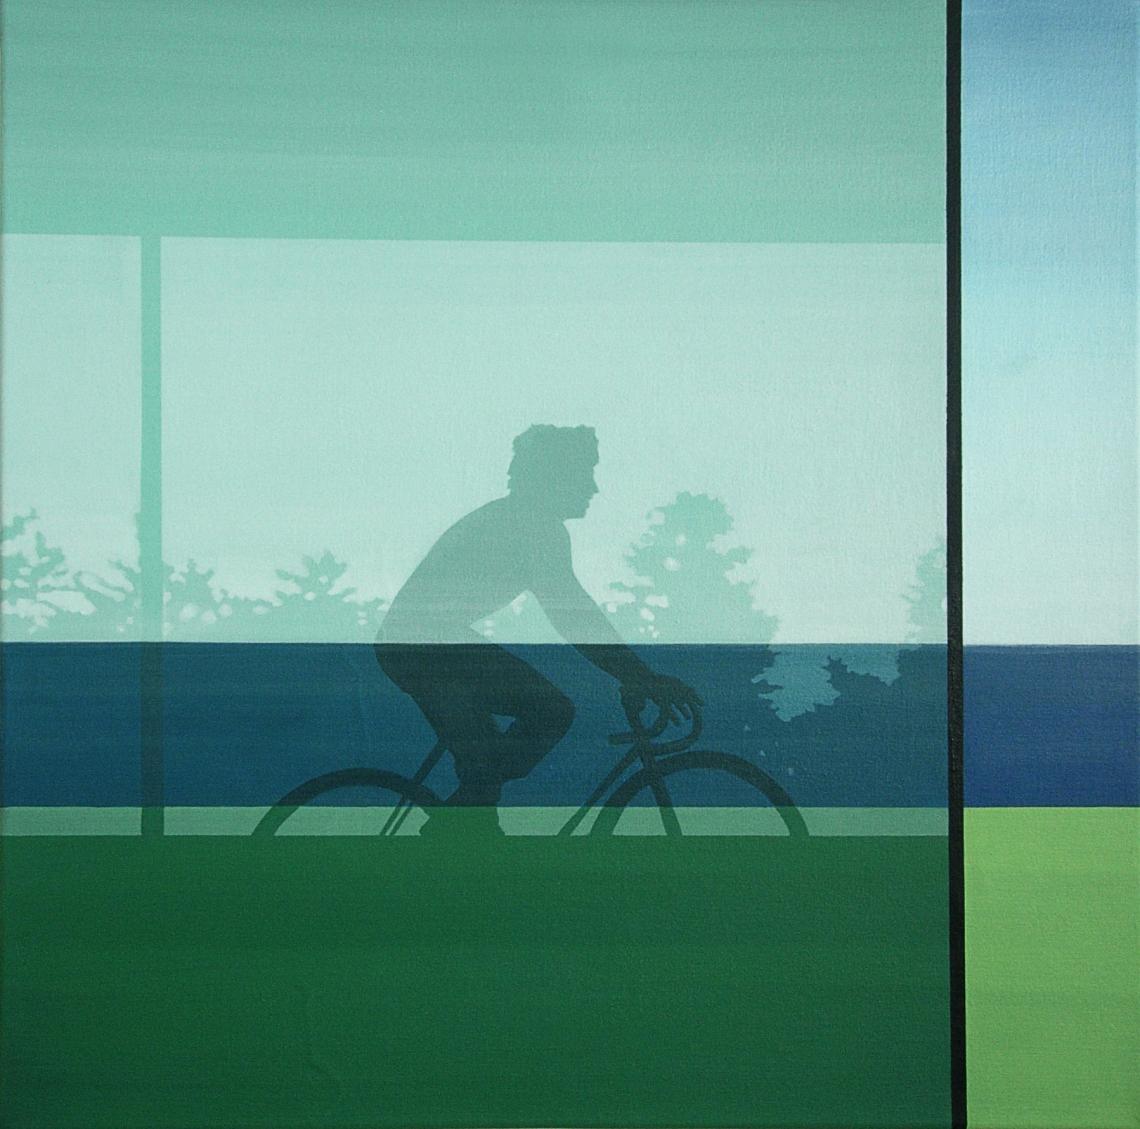 2013-006-자전거 남자 실루엣